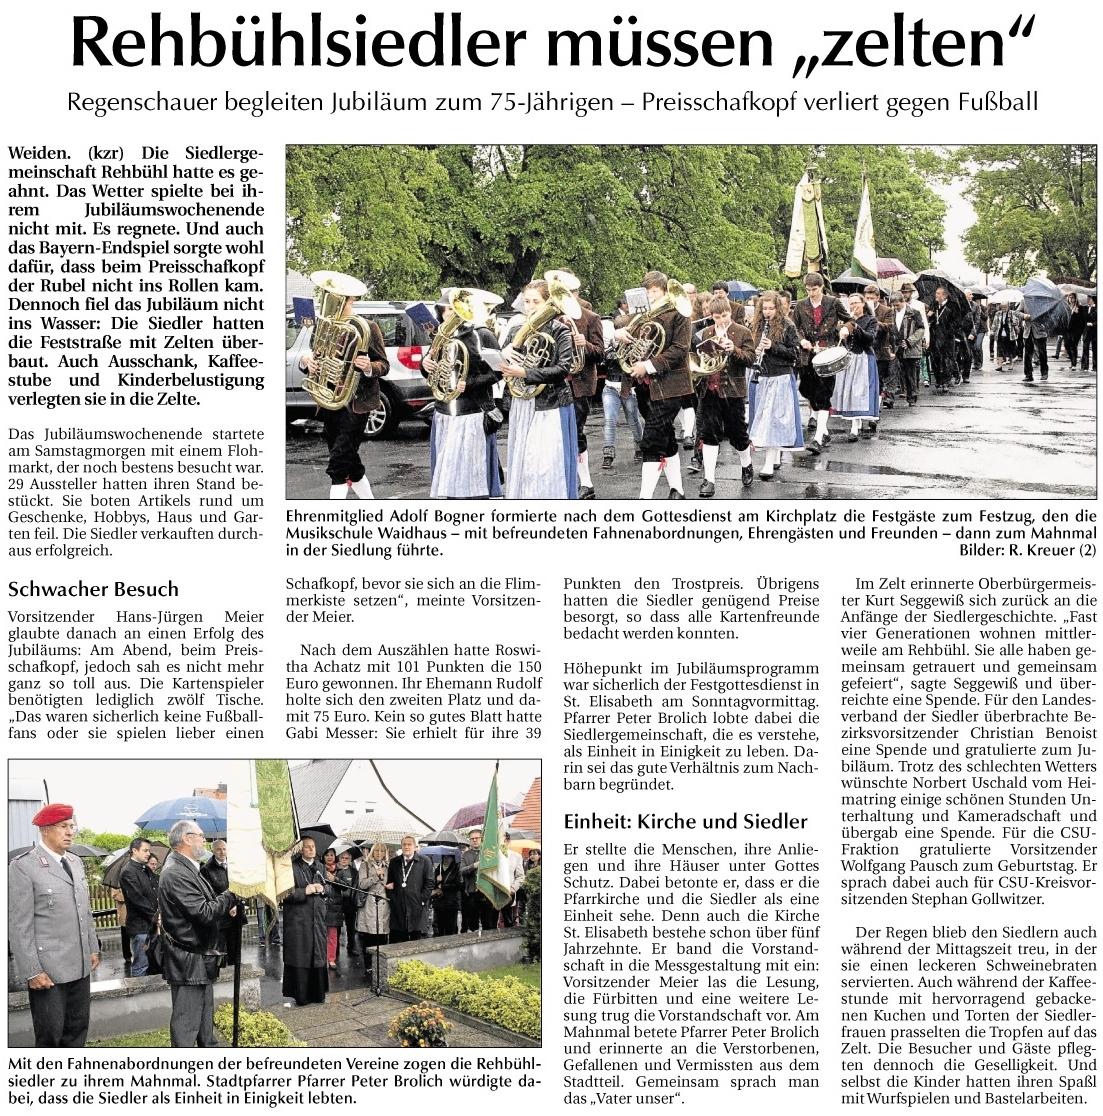 ePaper_26.05.2013_Siedlerfest